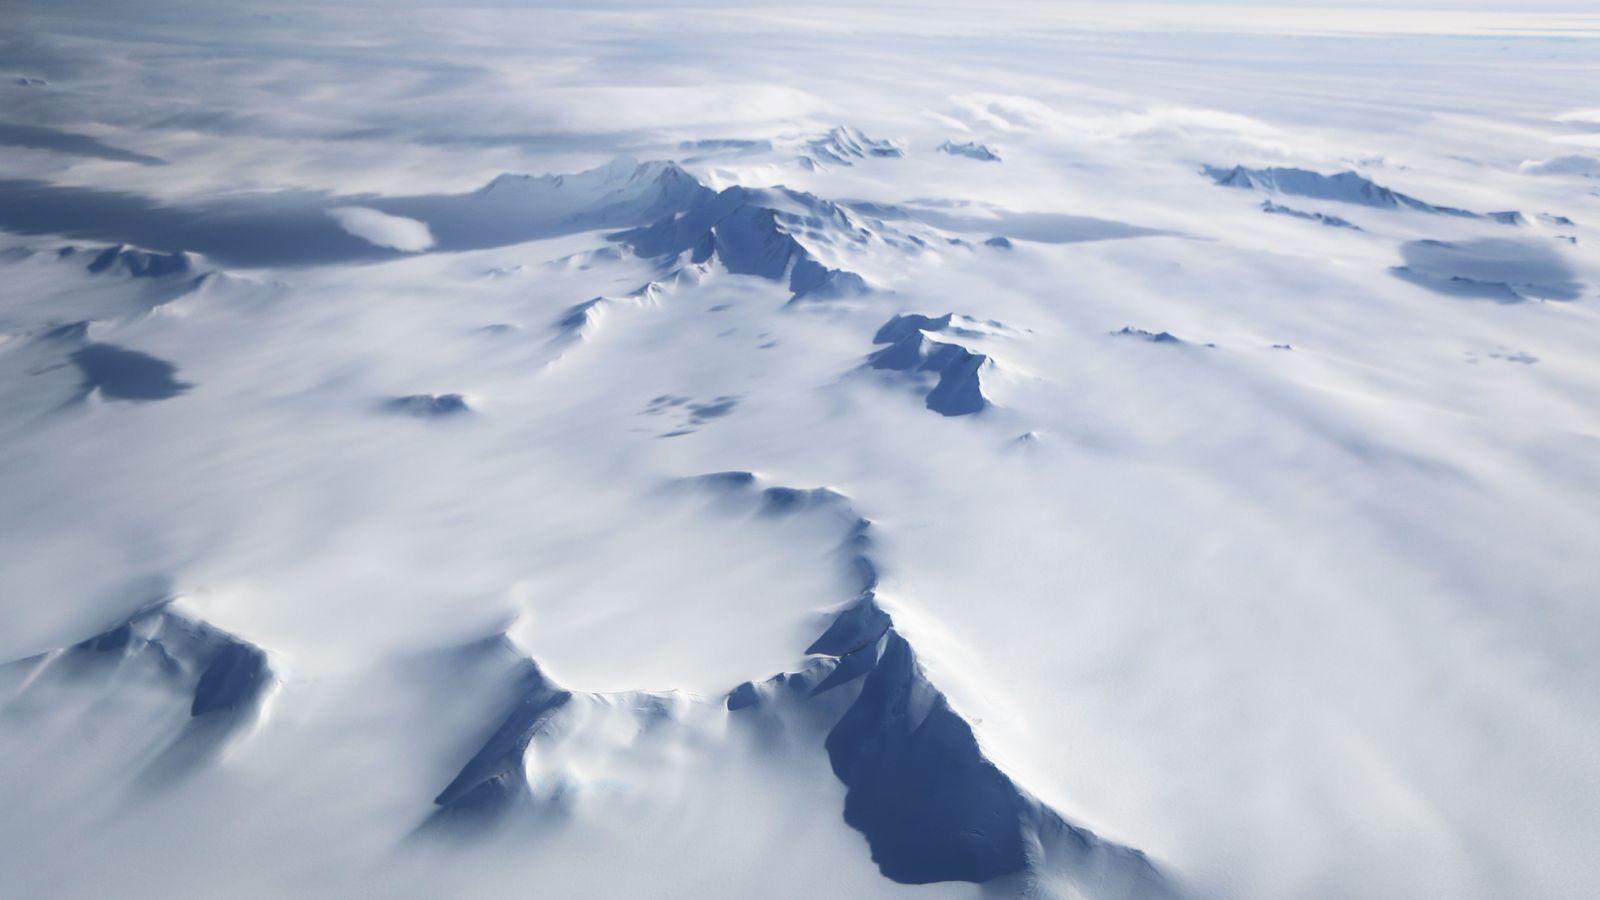 Está nevando más en la Antártida 'debido al calentamiento global', dicen los científicos